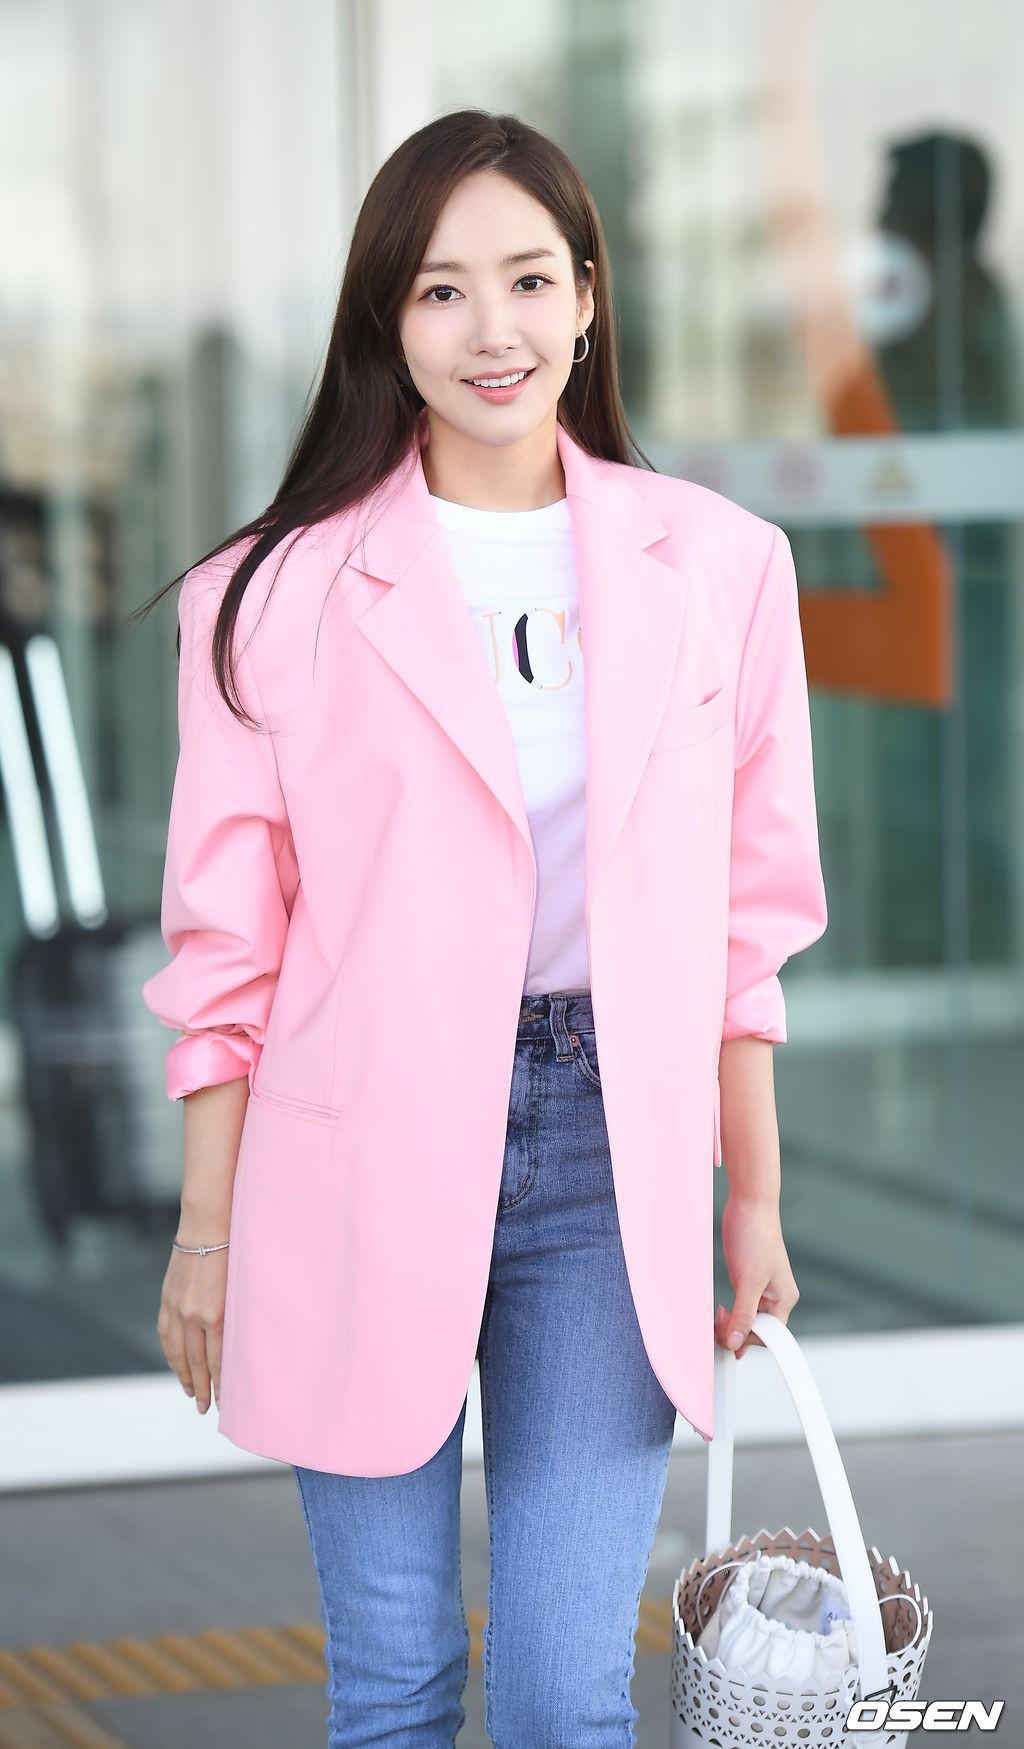 """So kè nhan sắc hai đại mỹ nhân sắp tới Việt Nam: Tình cũ Lee Min Ho mang danh """"dao kéo"""", người đẹp SNSD bị gọi là """"bình hoa di động - ảnh 17"""